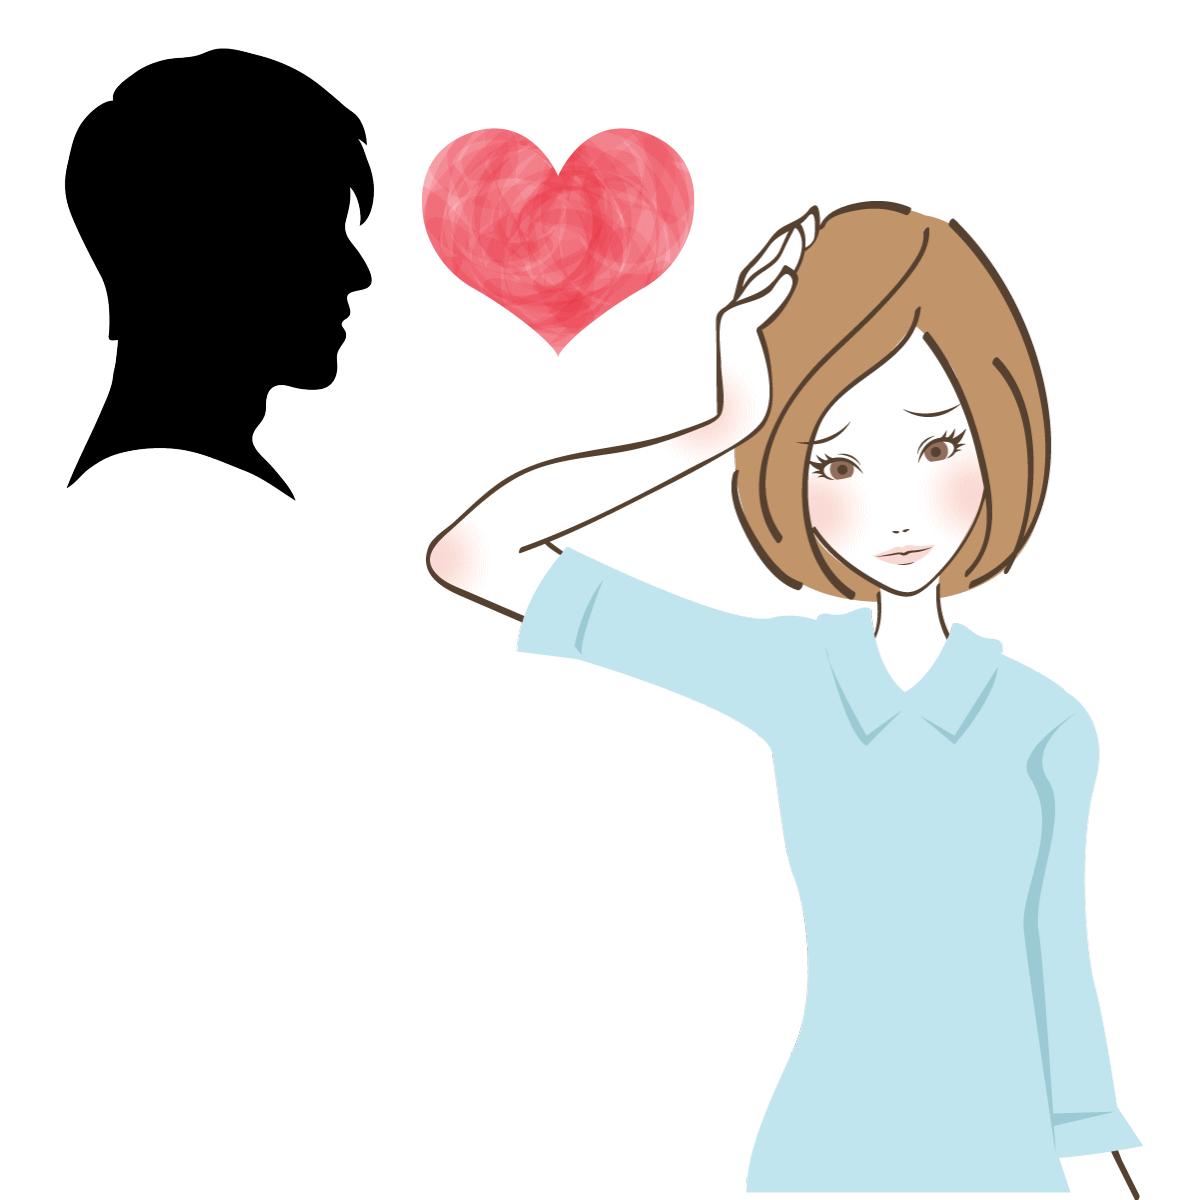 相手の愛情に戸惑うという毒親育ちの女性の恋愛傾向を表すイラスト